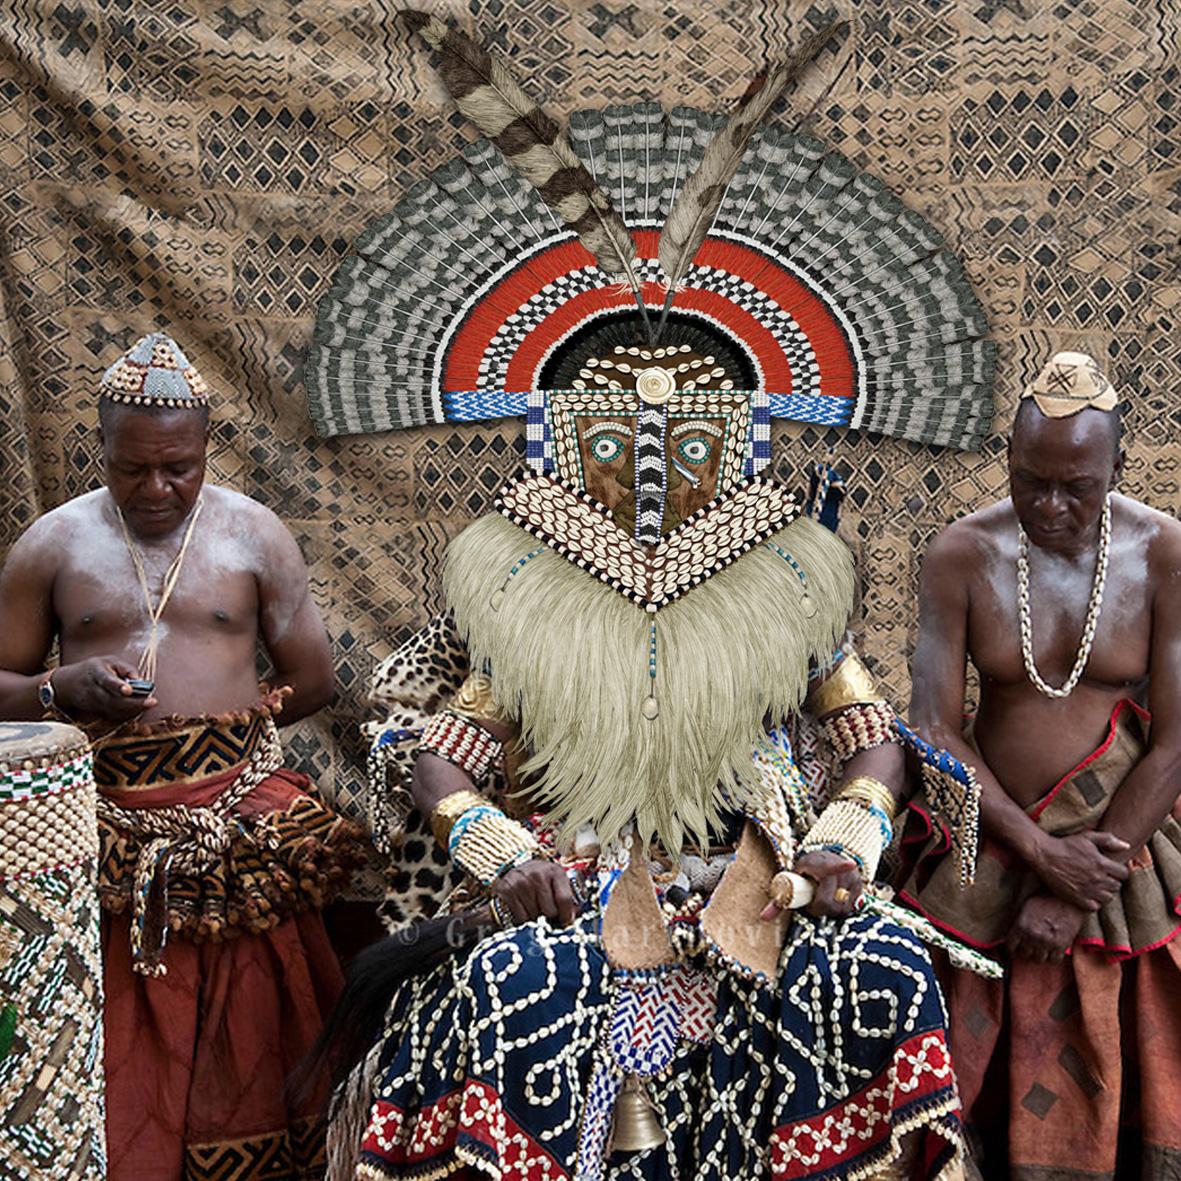 rituales , Congo, mascaras, contexto, telefono movil